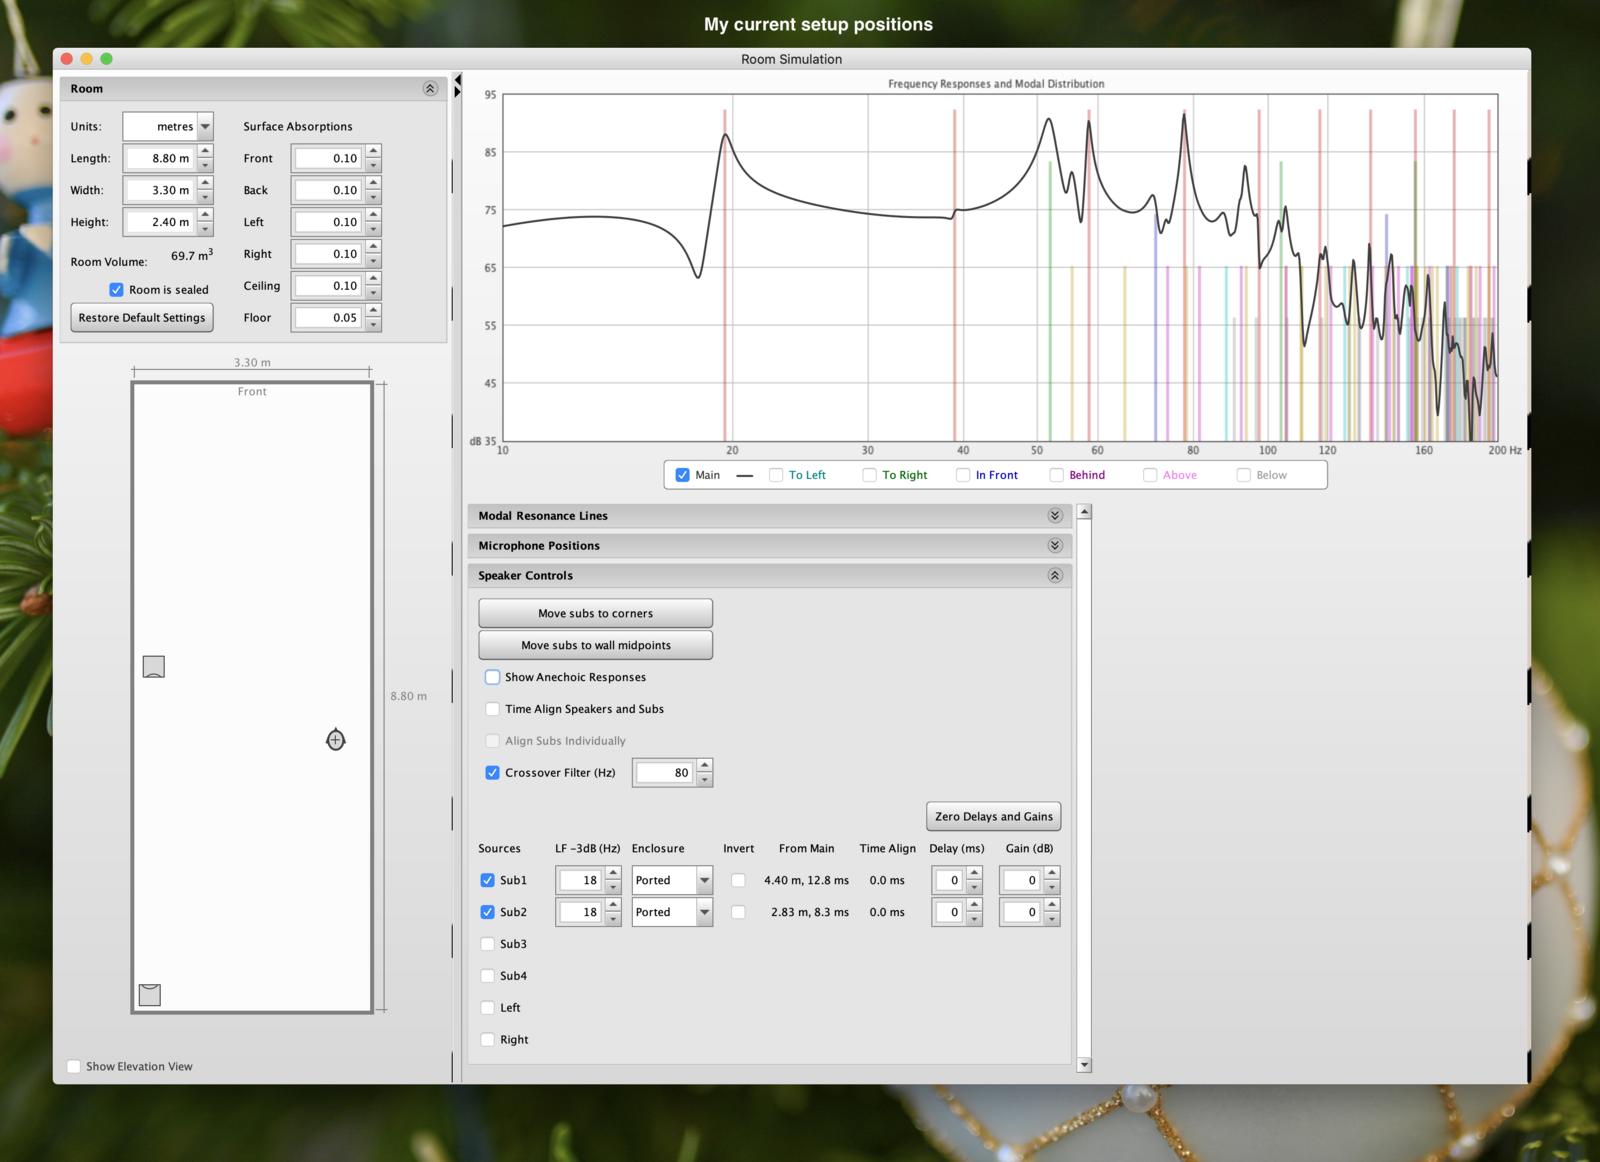 Screenshot 2021-01-30 at 12.33.19.png